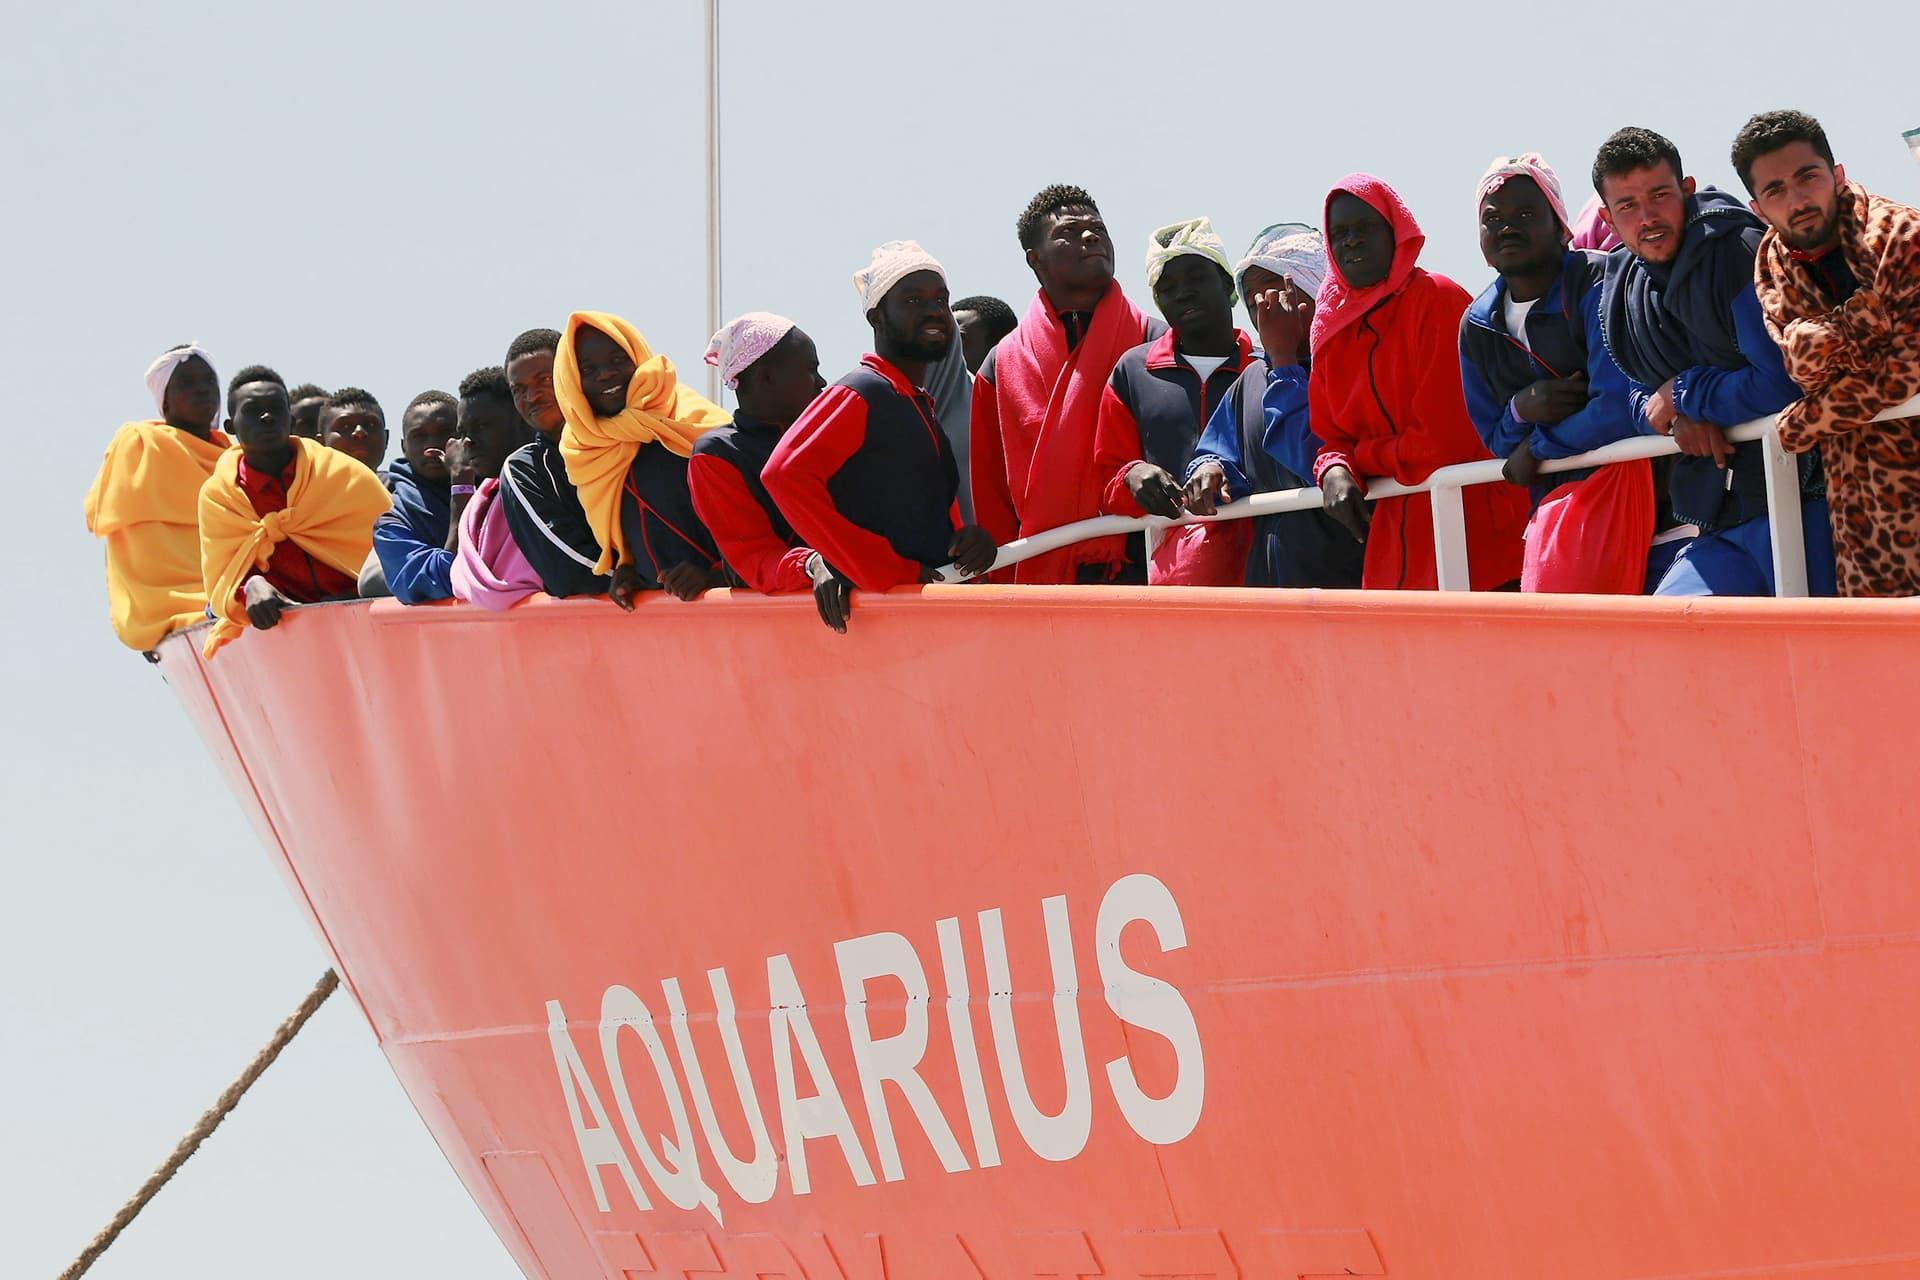 Siirtolaisia Aquarius-aluksen kyydissä satamassa.